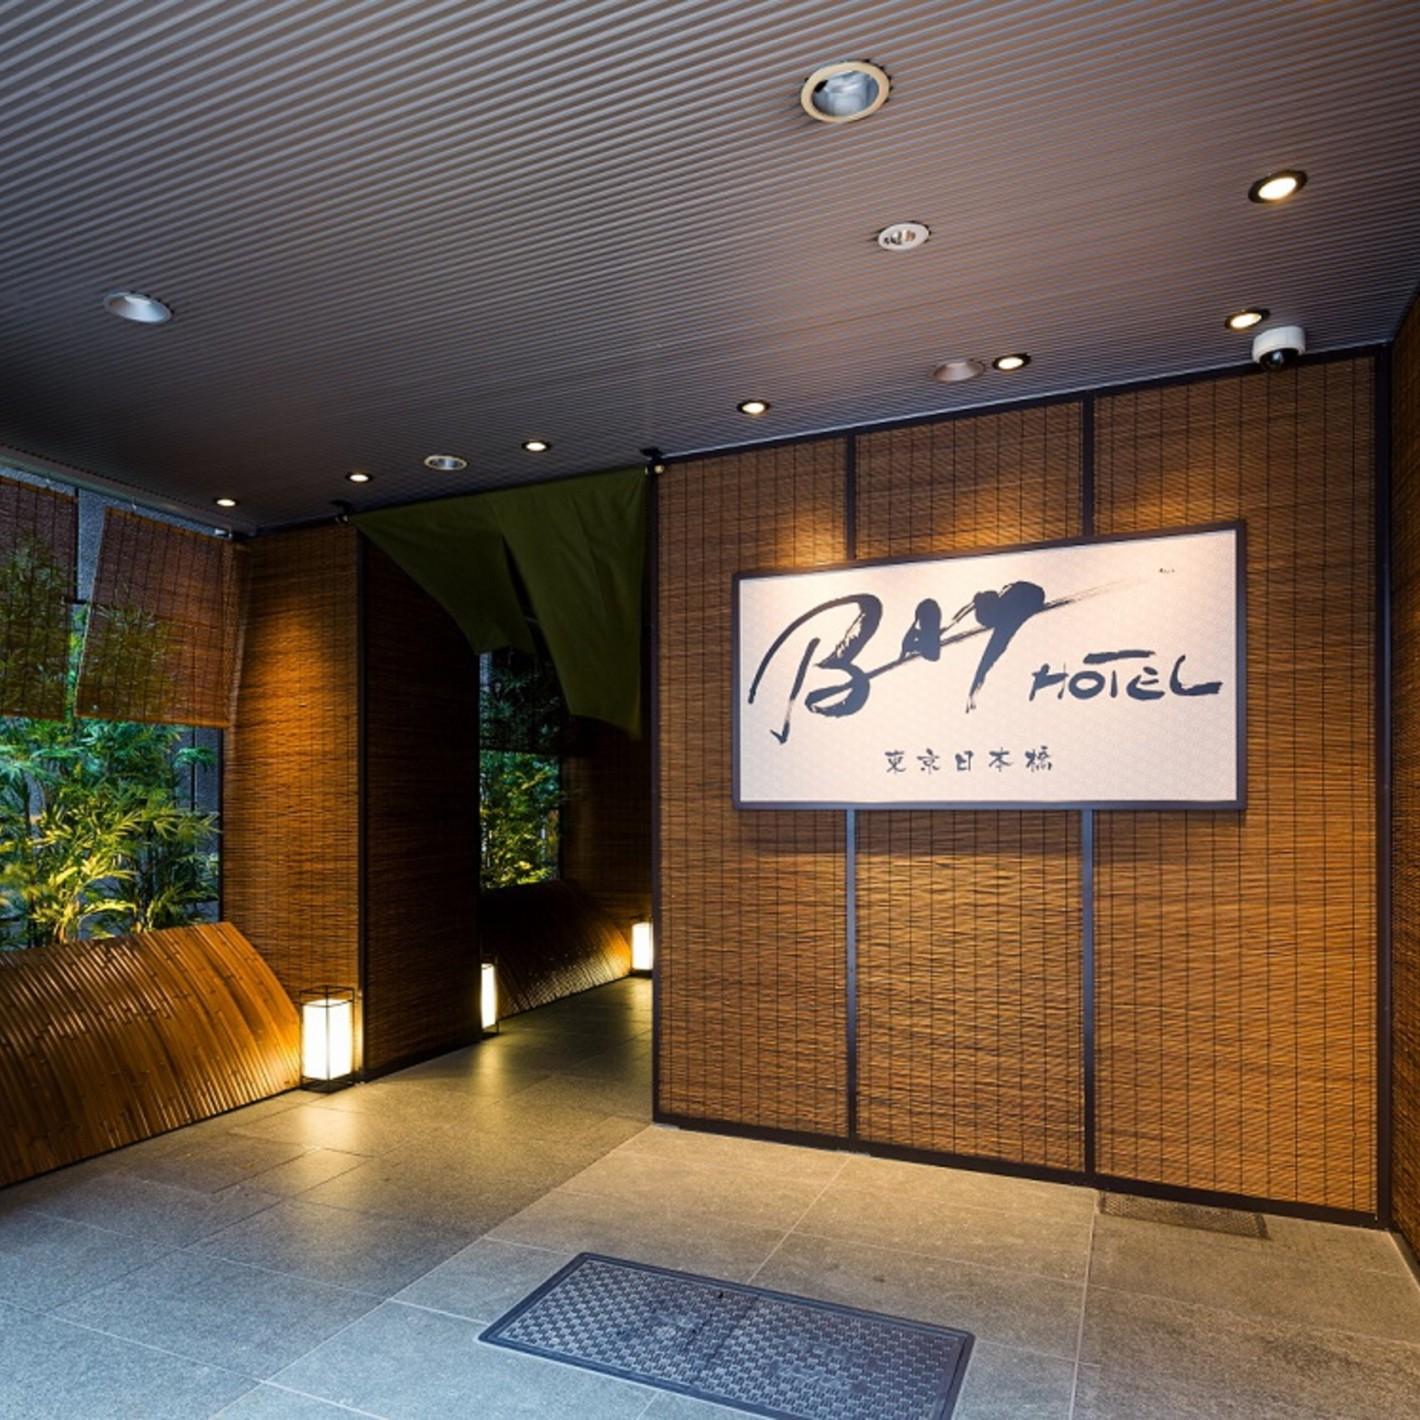 楽天トラベル: 東京駅前BAY HOTEL(旧 東京日本 …